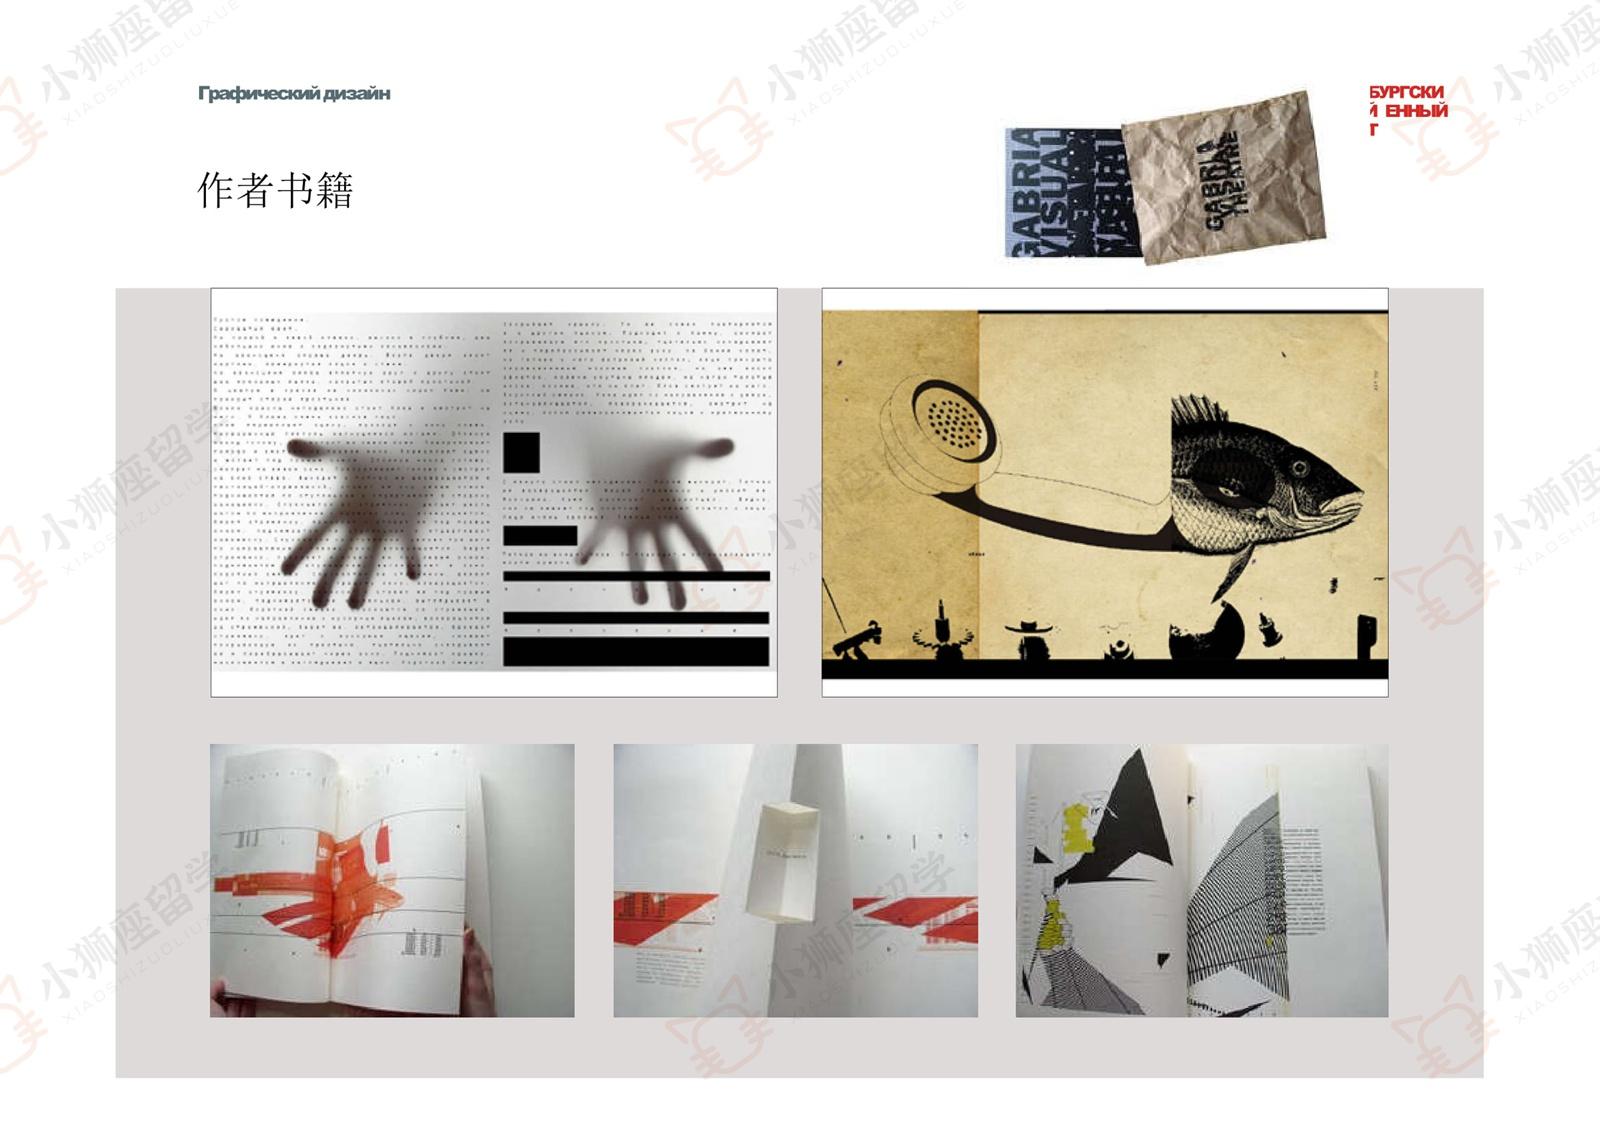 圣彼得堡国立大学《平面设计》硕士研究生方向介绍!插图19-小狮座俄罗斯留学